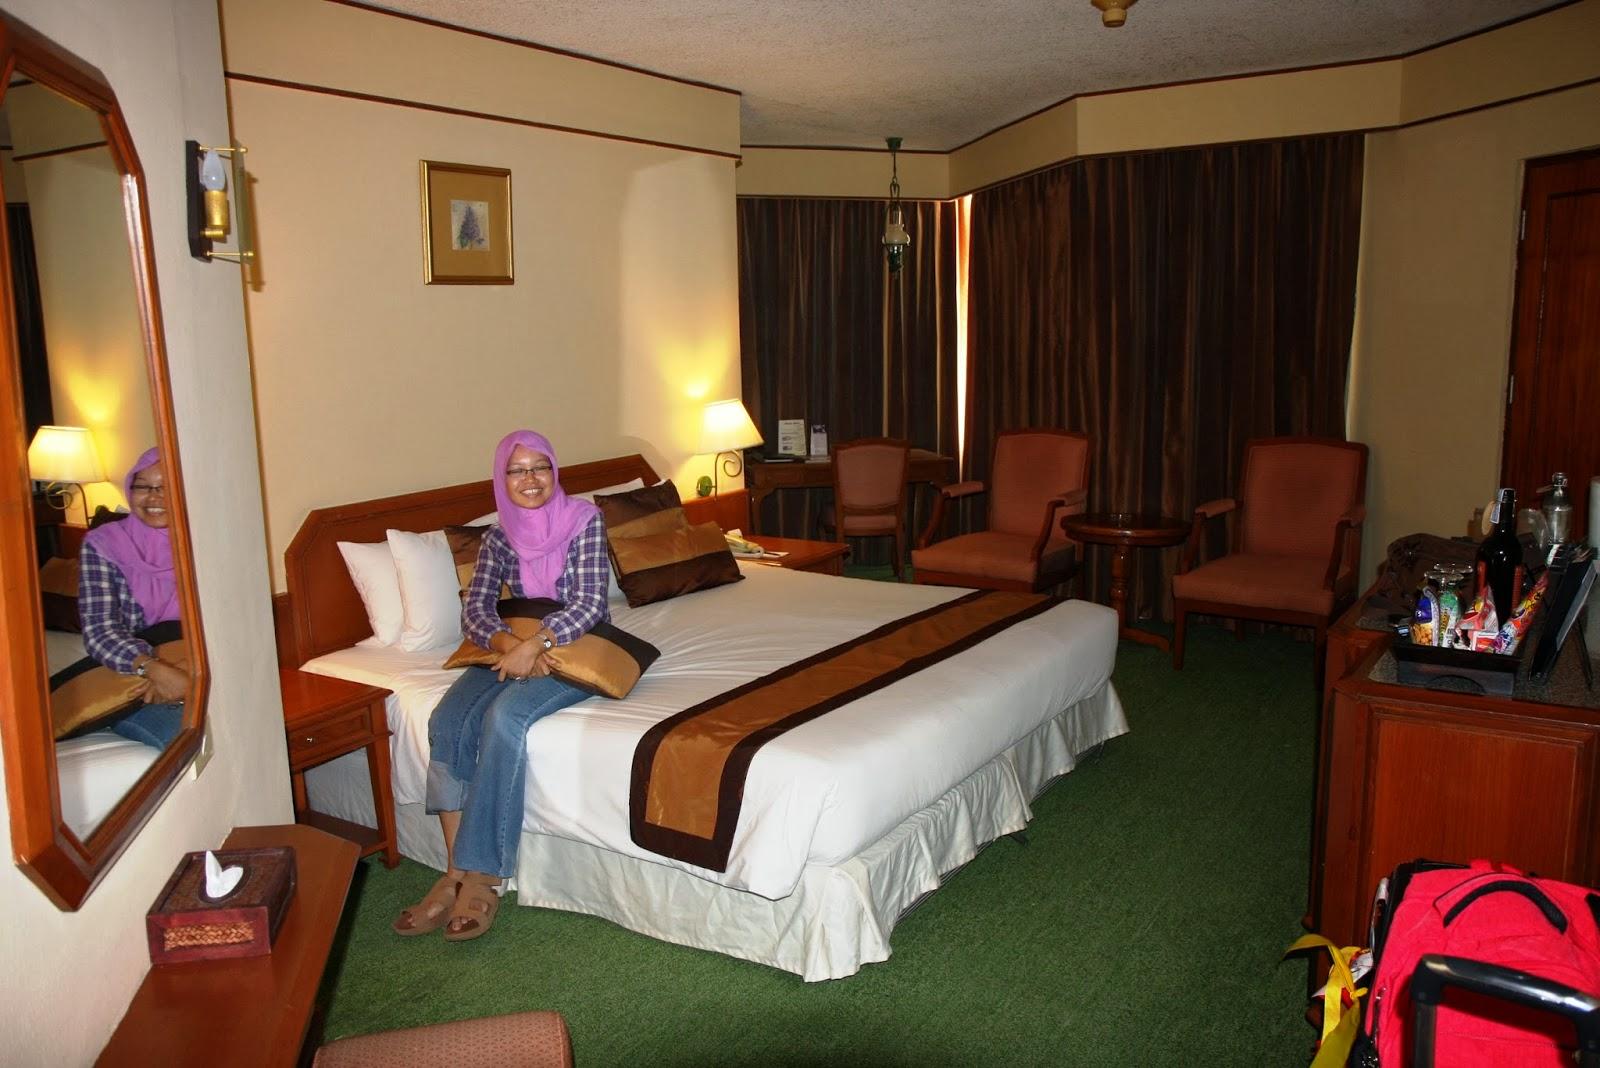 centara+hotel+room-1.jpg